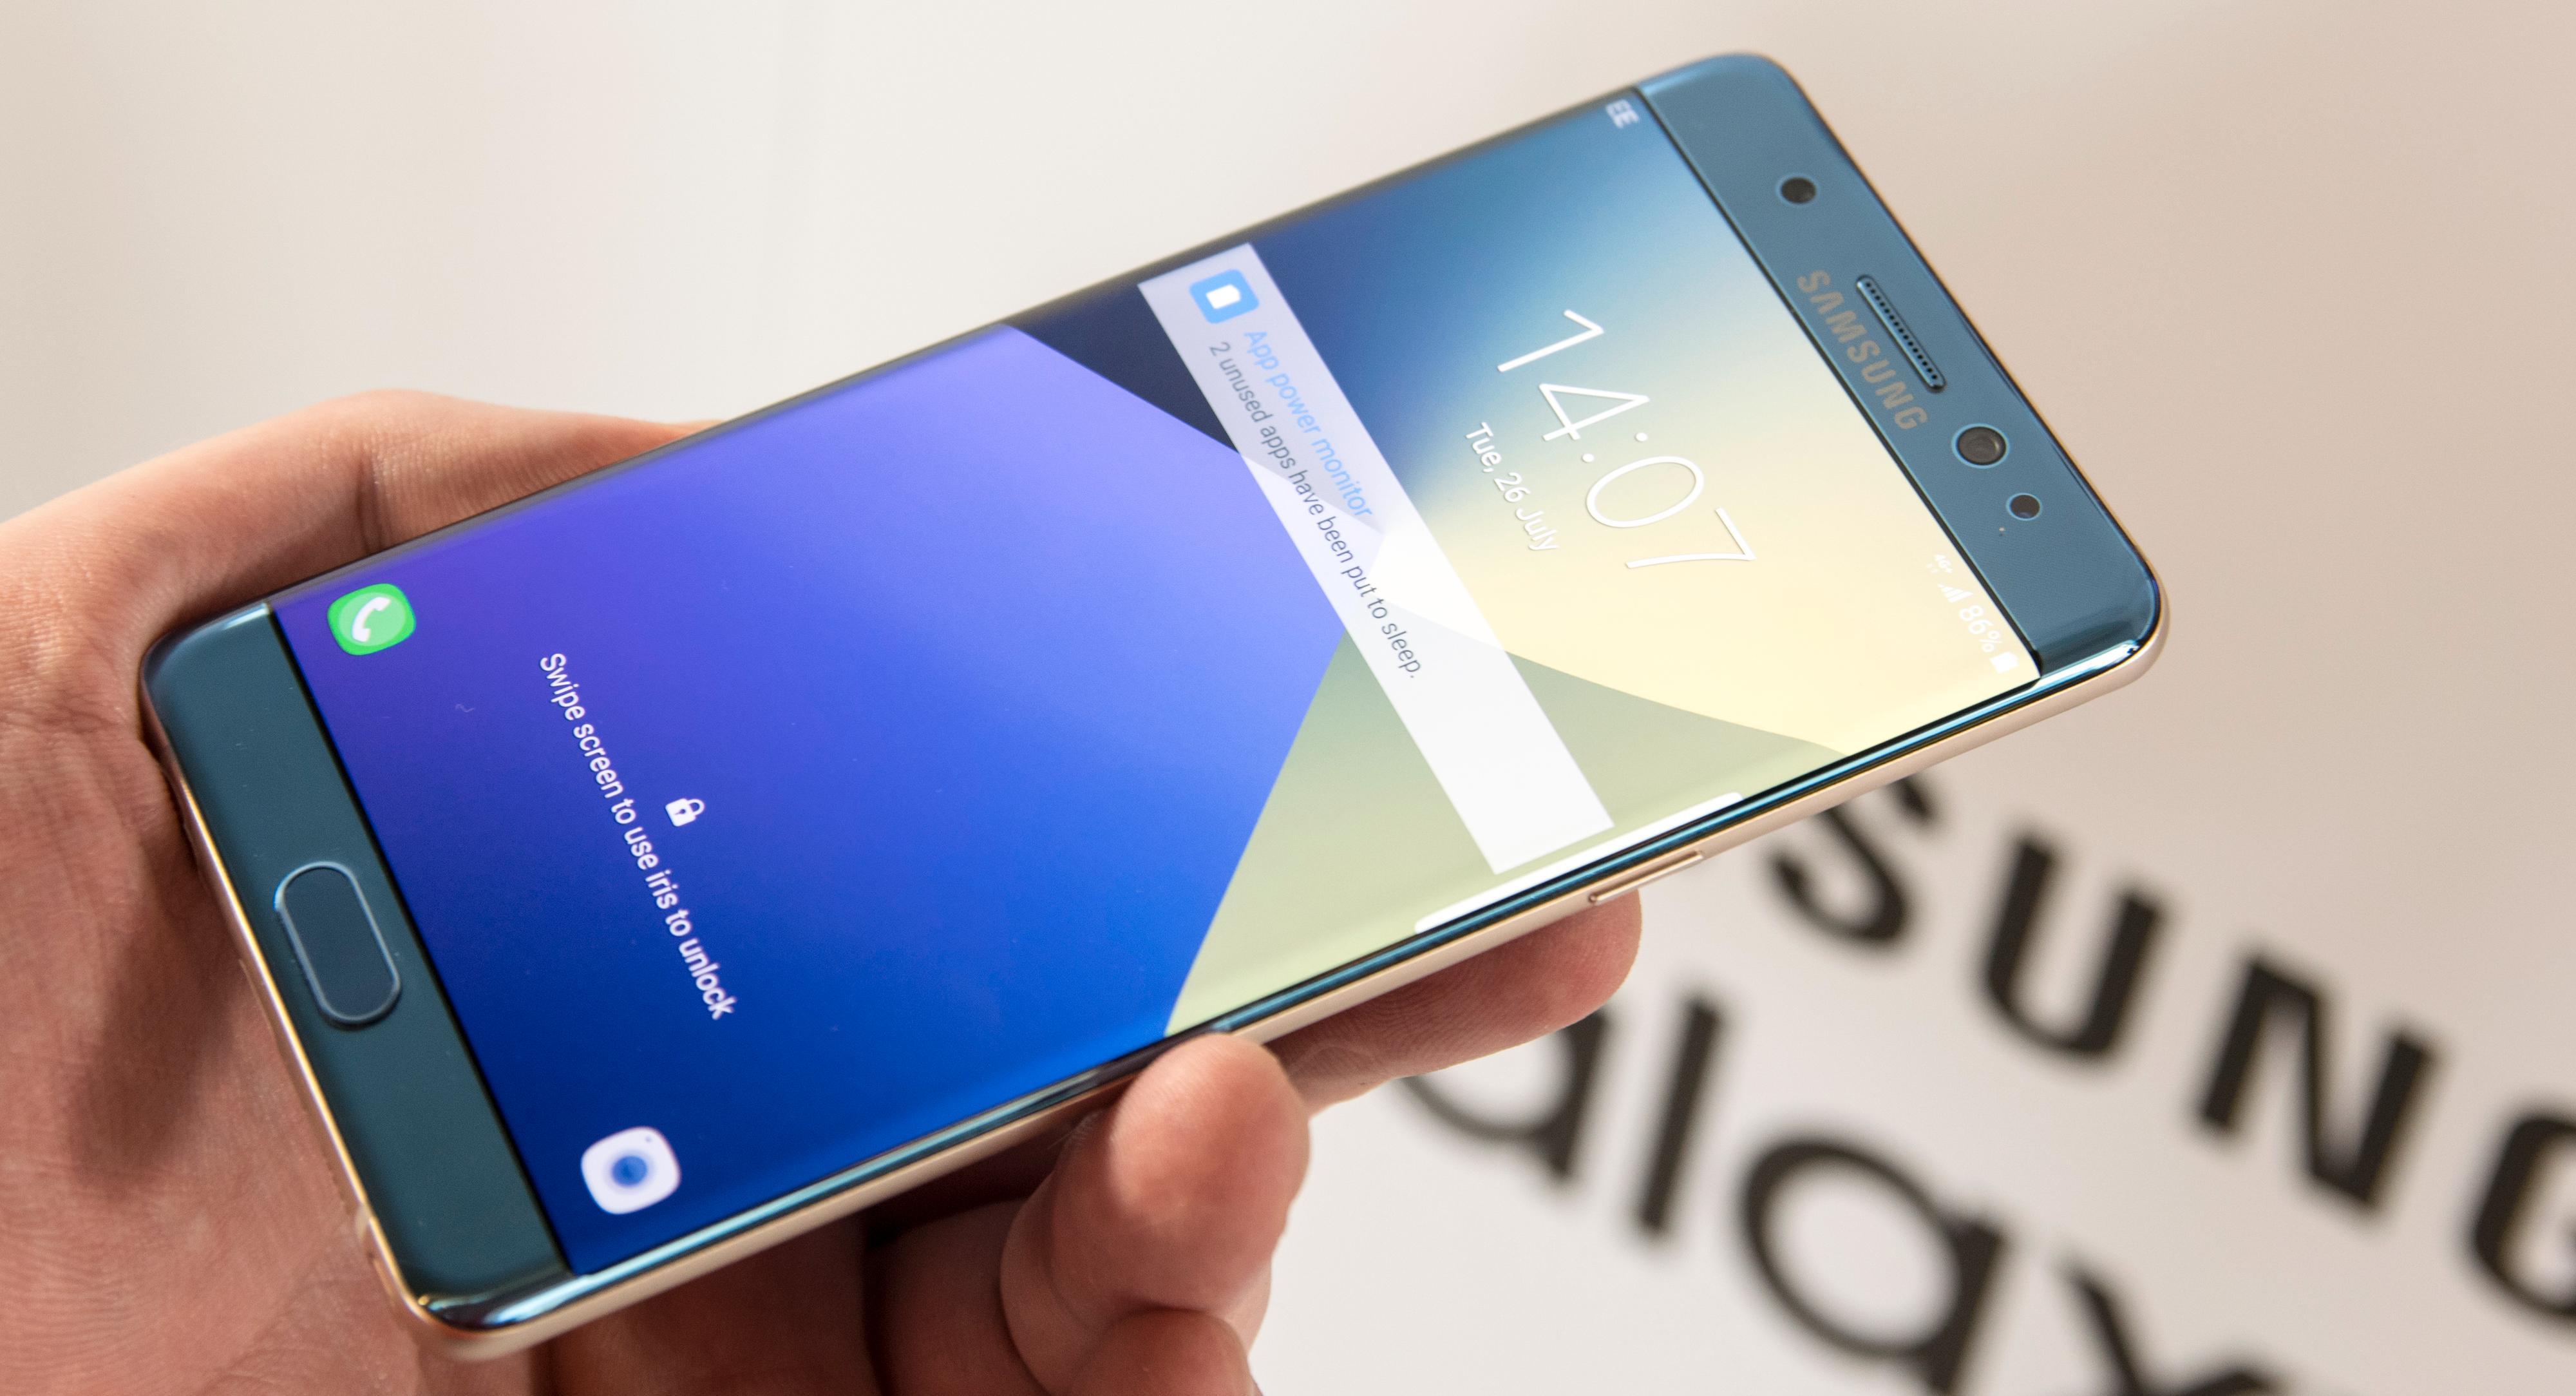 Samsung skal visstnok foreta ekstra testing av sin nye brettmobil Galaxy Note 7.